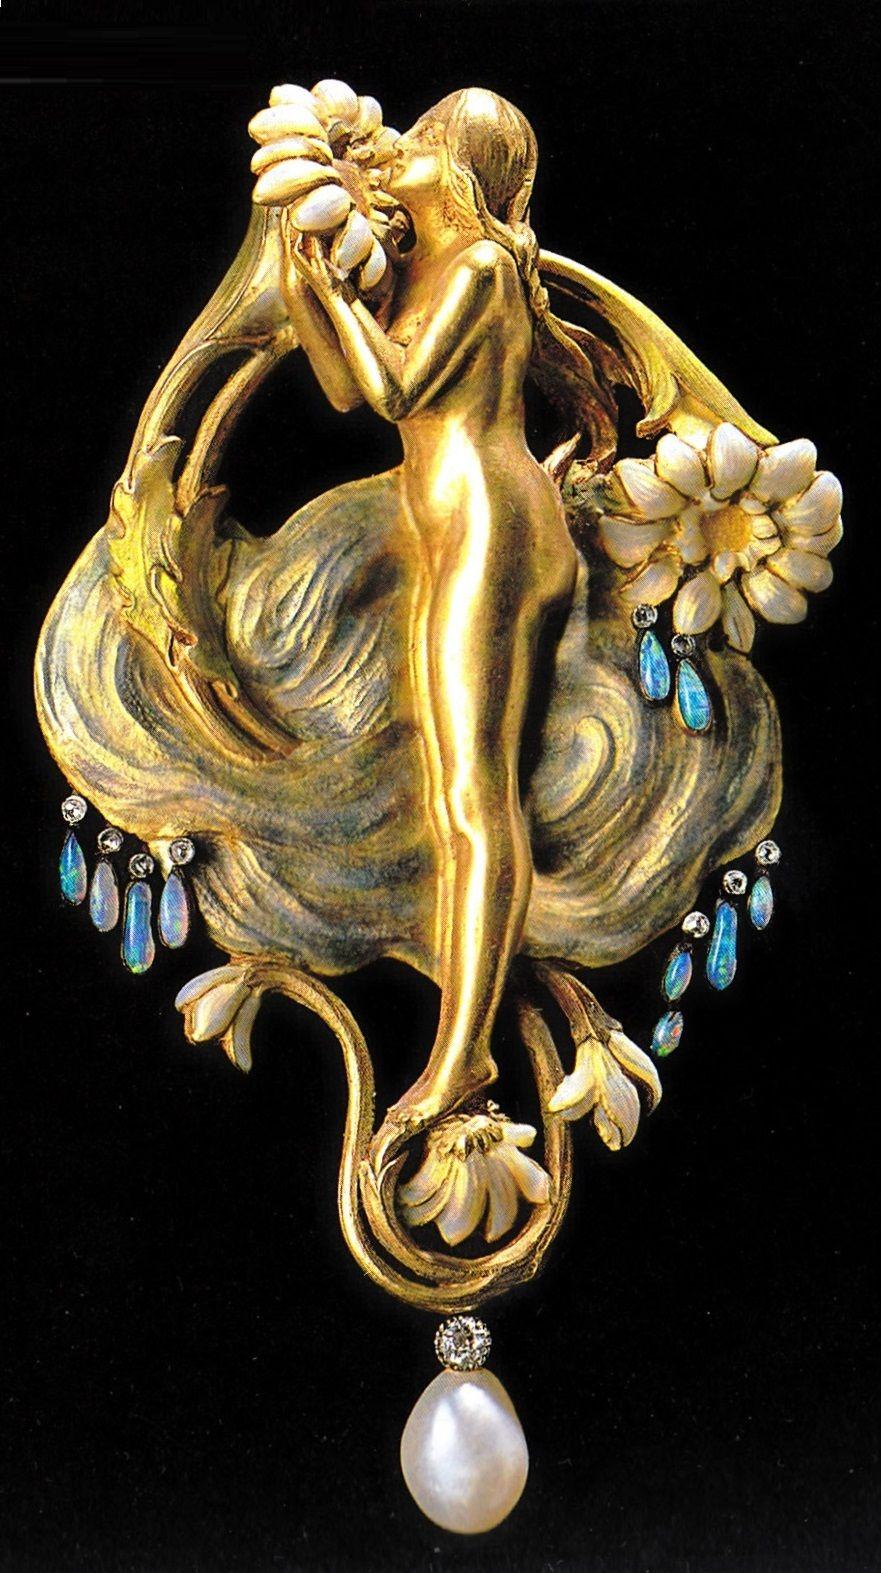 An Art Nouveau pendant - Perfume or Dew, by Henri Vever, circa 1900. Composed of gold, enamel, diamonds and opals. Collection of Musée des Arts Décoratifs, Paris. Source: René Lalique, Exceptional Jewellery 1890 - 1912. #Vever #ArtNouveau #pendant